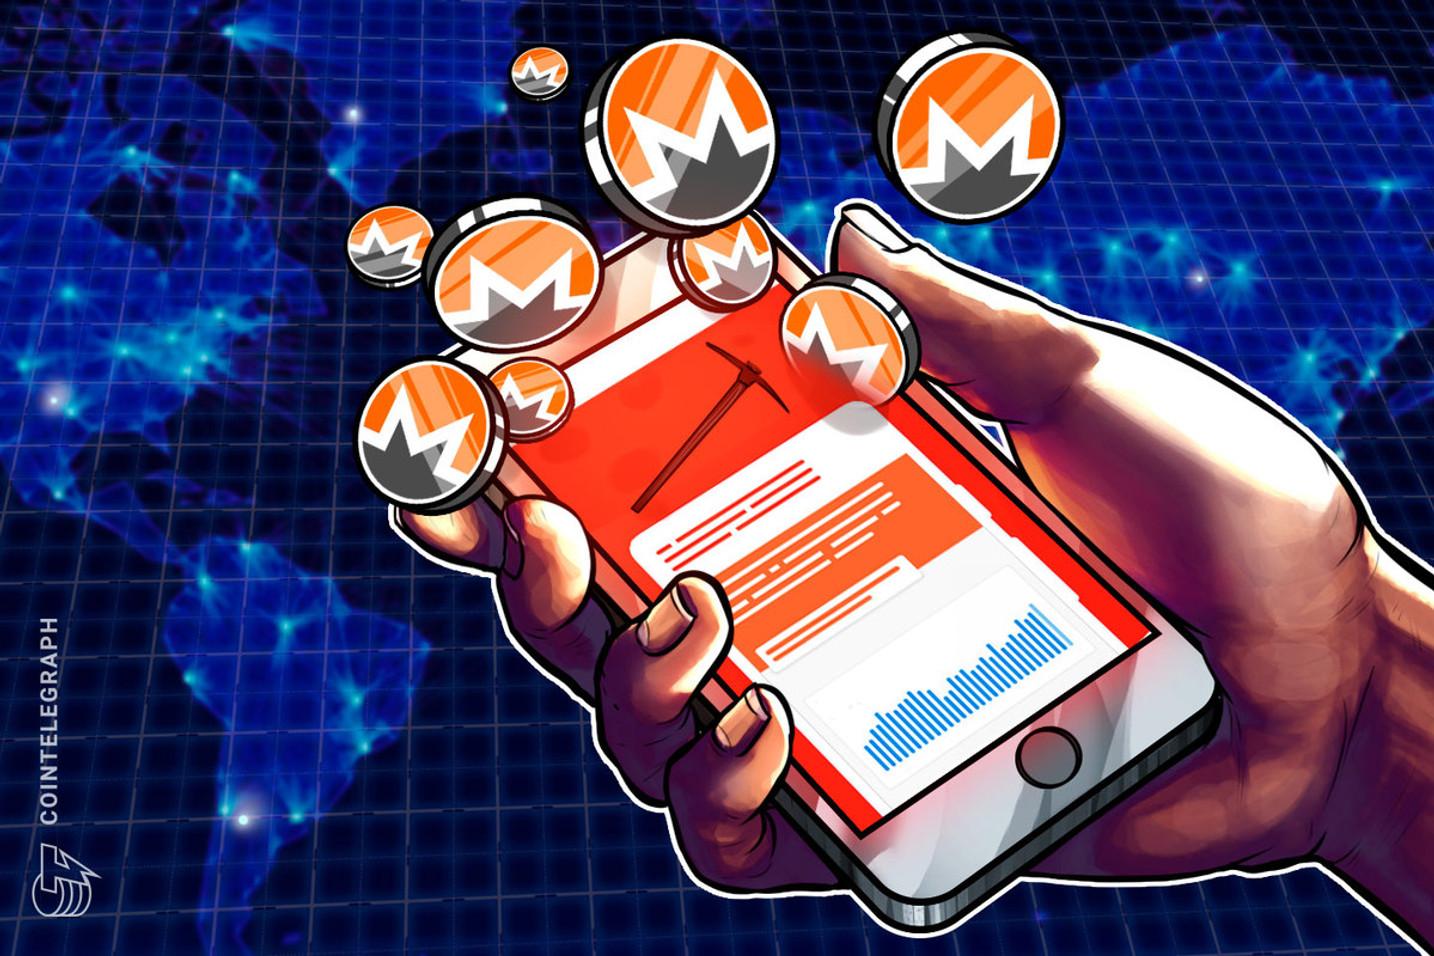 スマートフォンで仮想通貨モネロをマイニング、台湾HTCがアプリ導入へ